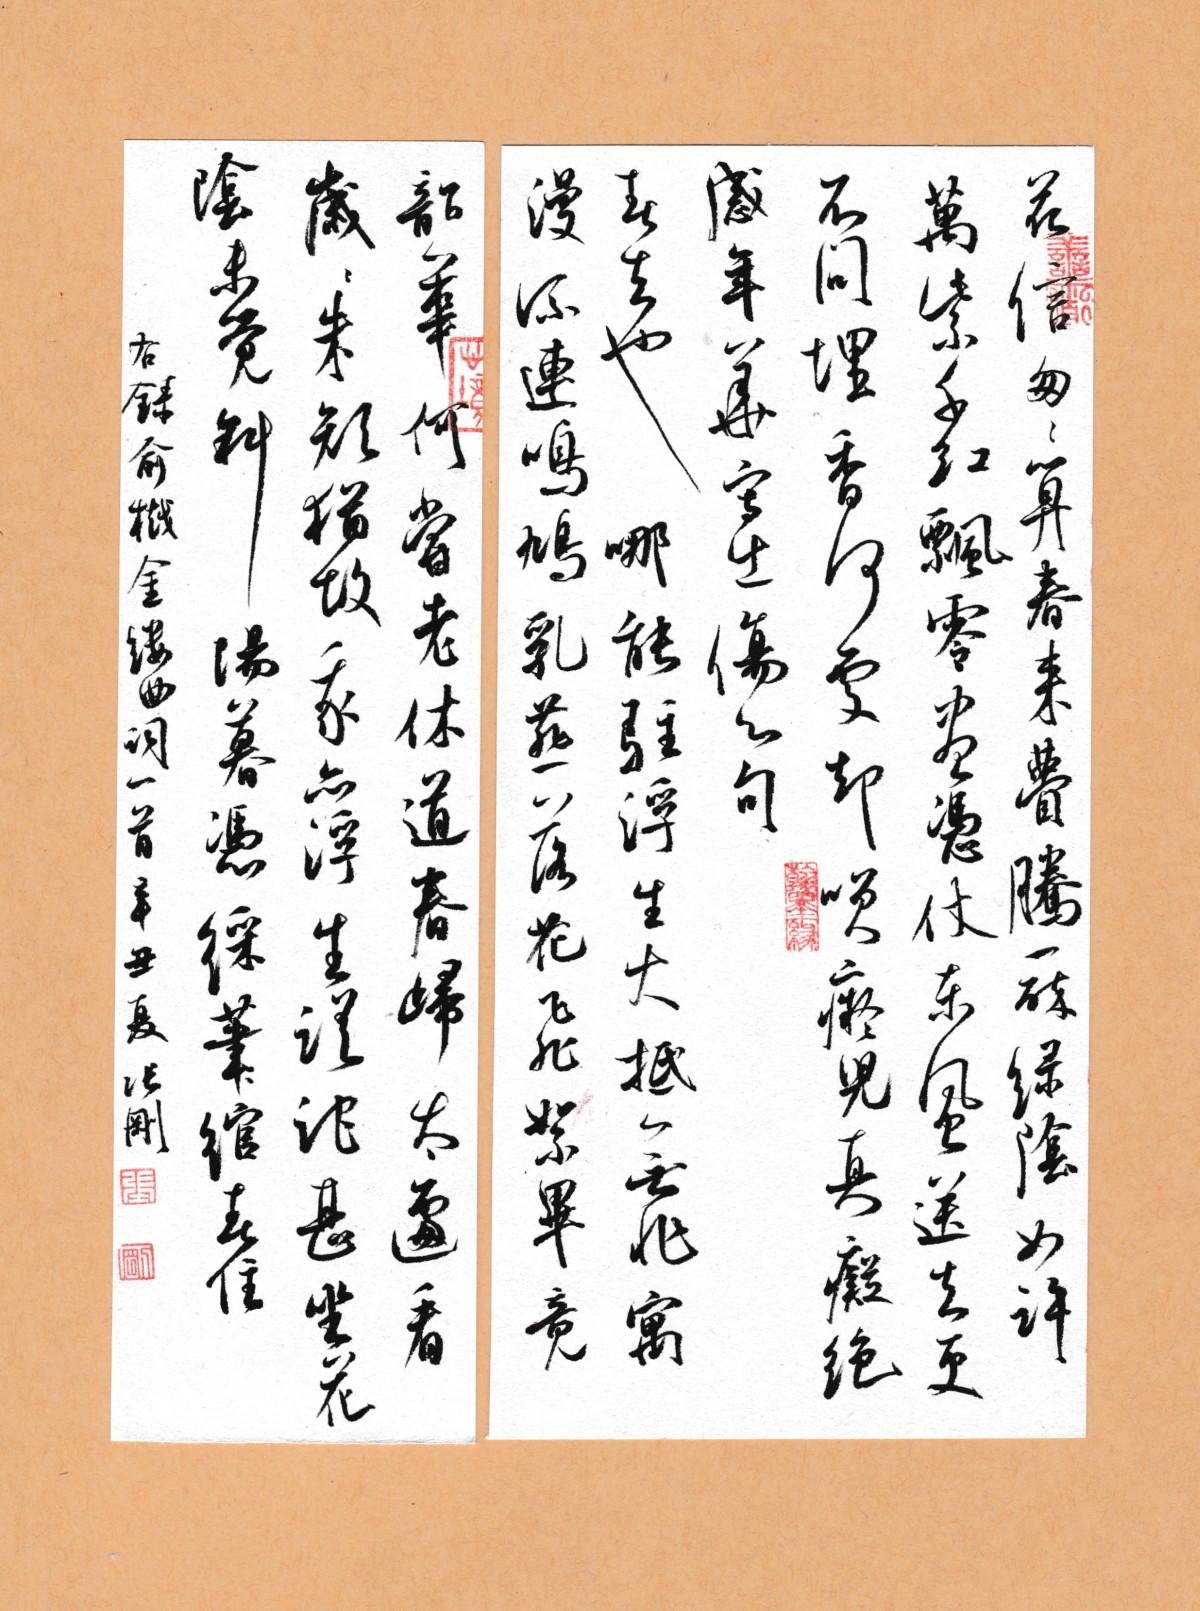 钢笔书法练字打卡20210810-07